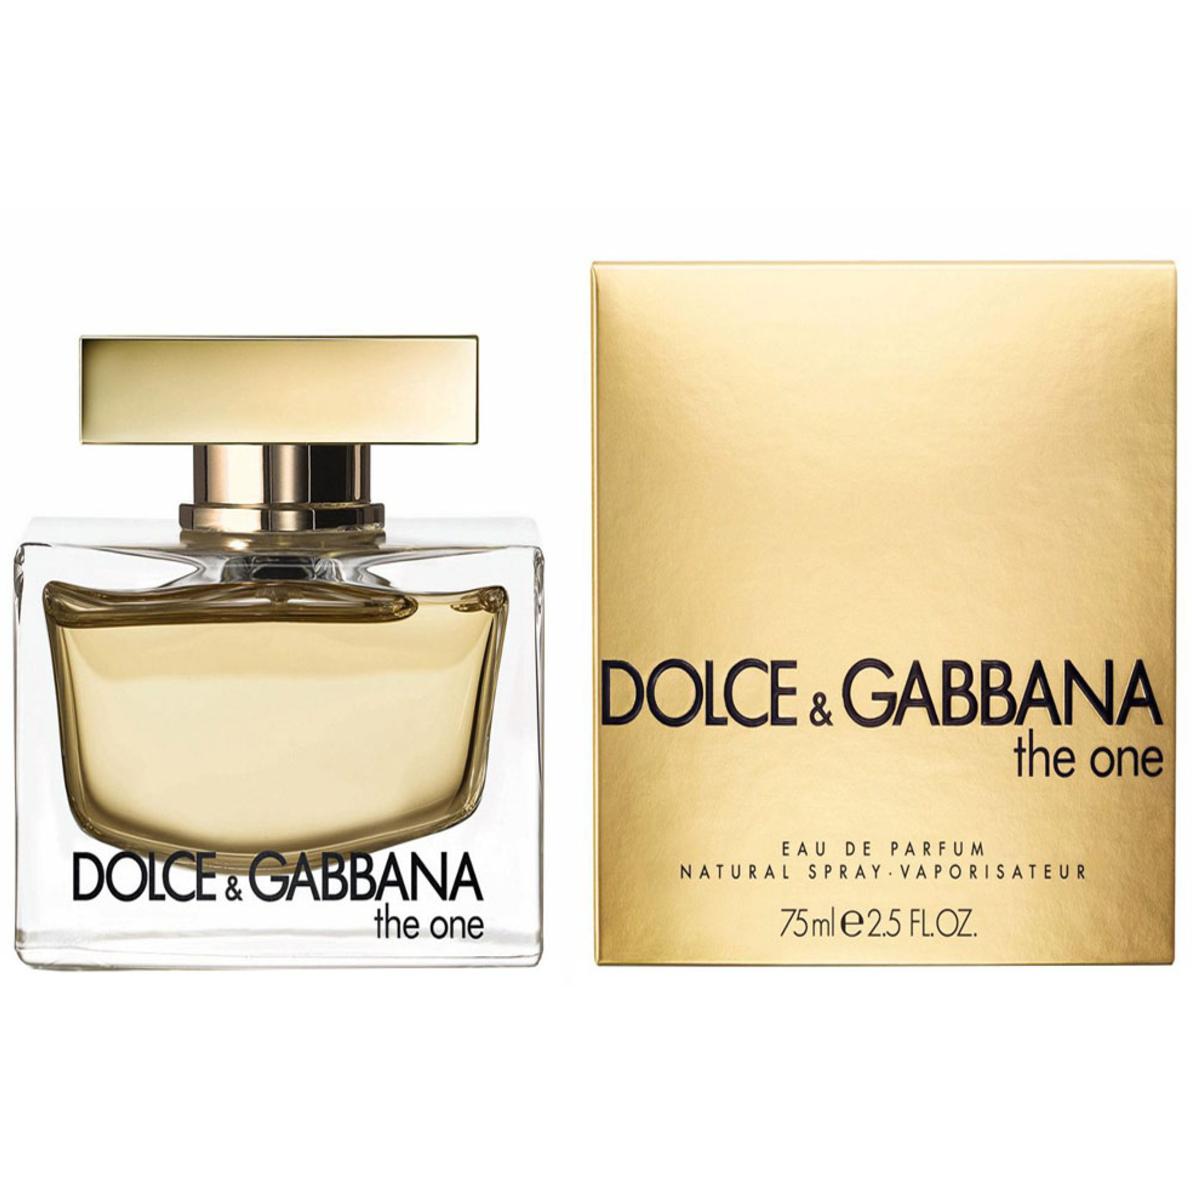 Dolce & Gabbana The ONE - eau de parfum